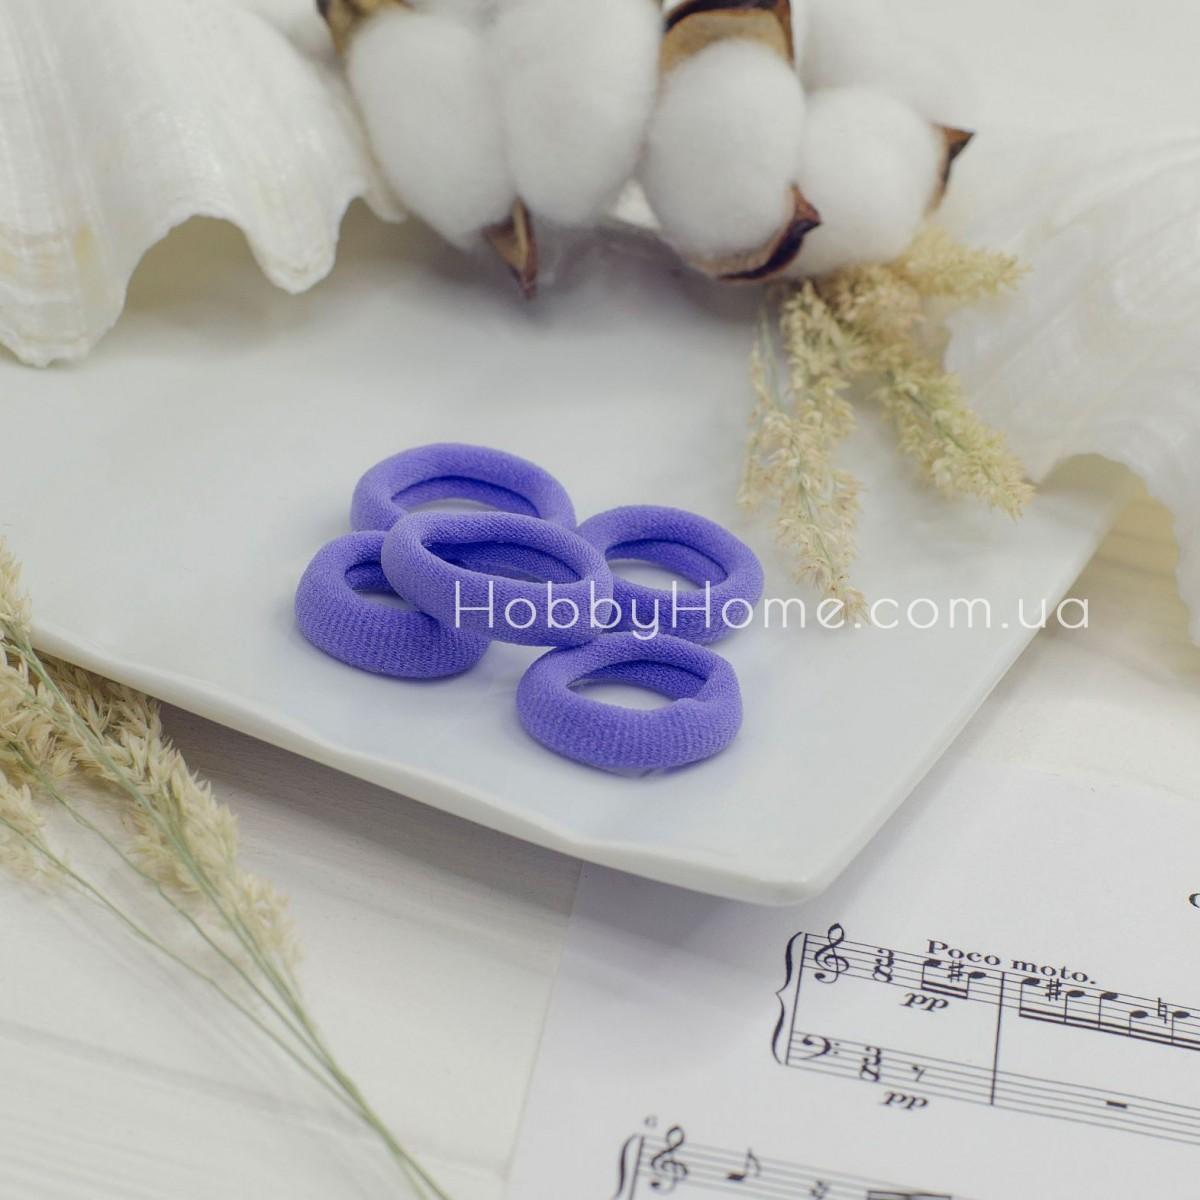 Резинка основа 2,7см фіолетова